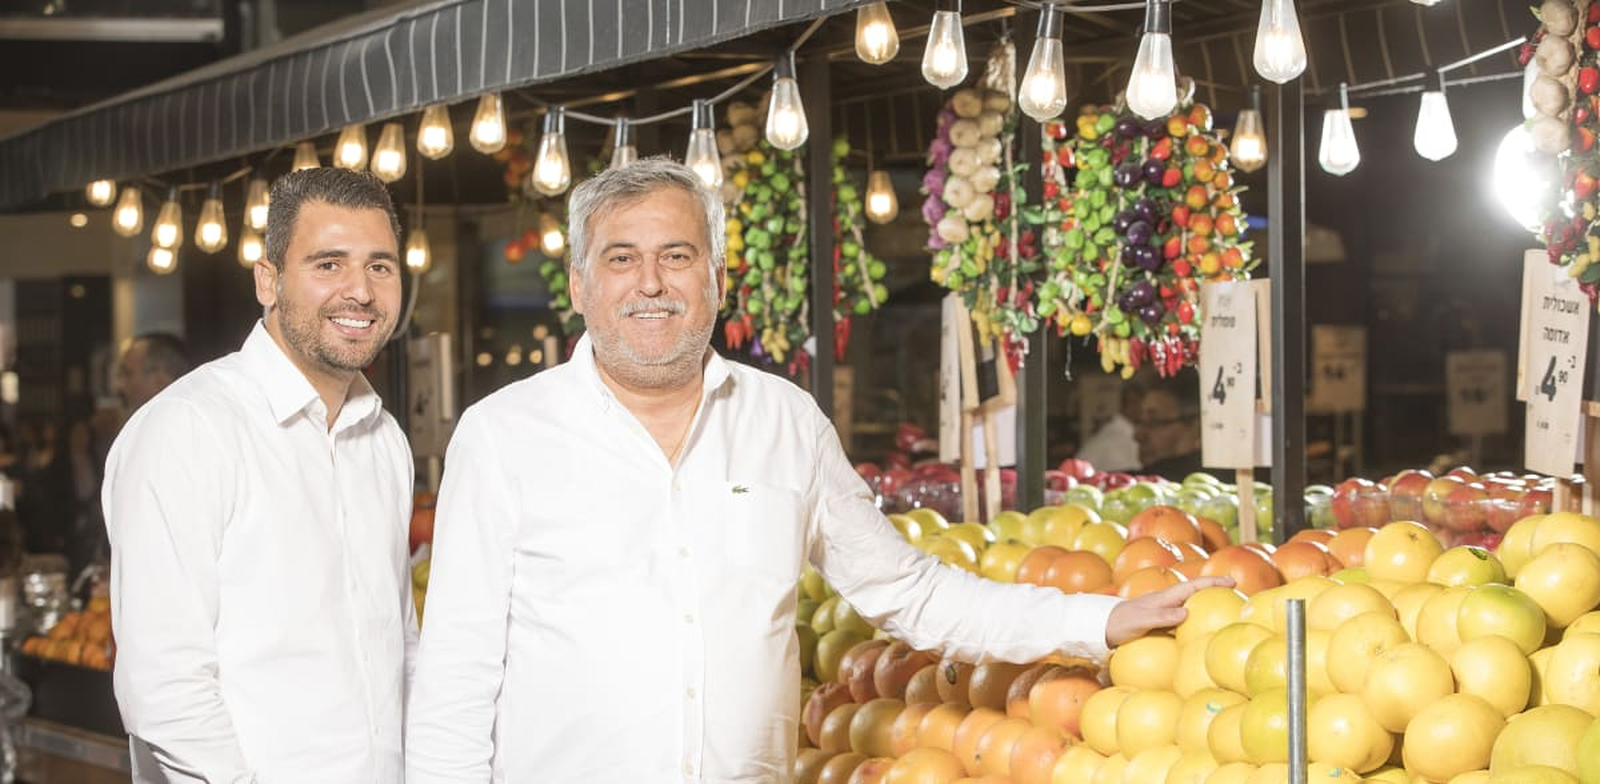 נחום ויוסי ביתן. למכור מזון כשר בדובאי / צילום: רמי זרנגר